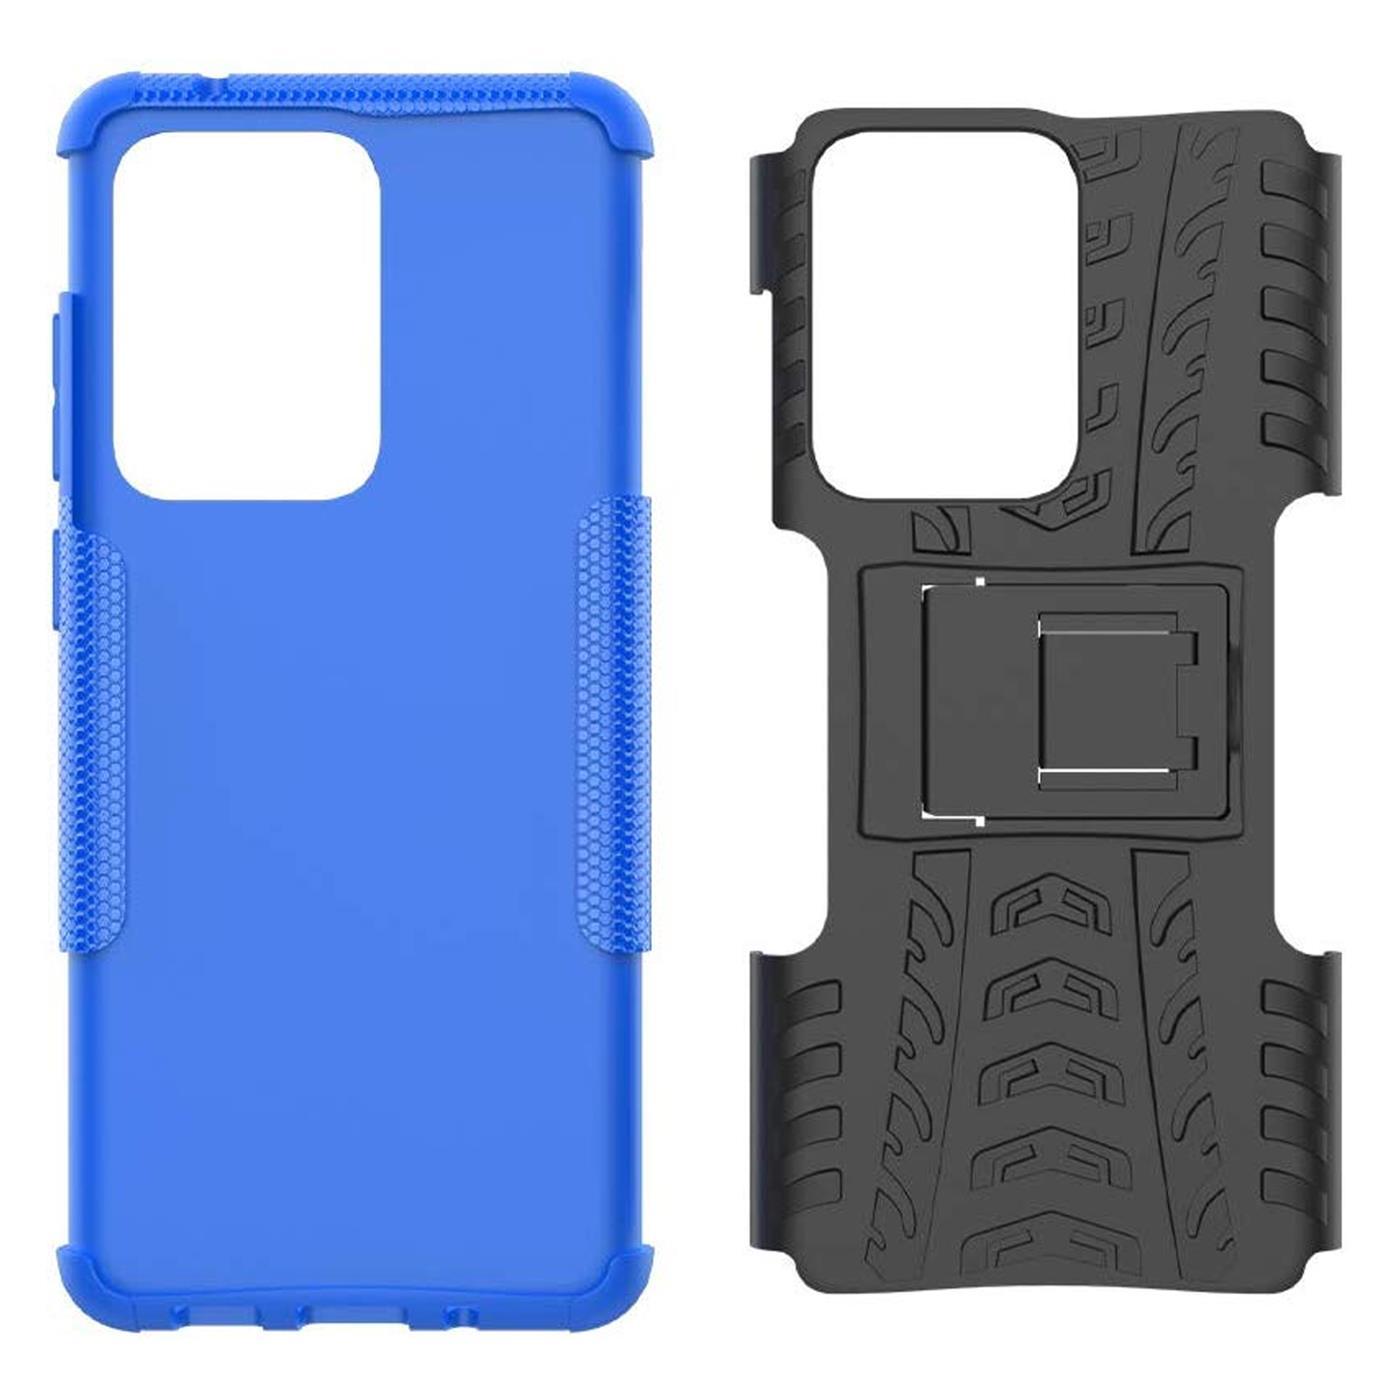 Samsung-Galaxy-S20-Serie-Schutzhuelle-Rugged-Handy-Tasche-Robust-Outdoor-Cover Indexbild 14